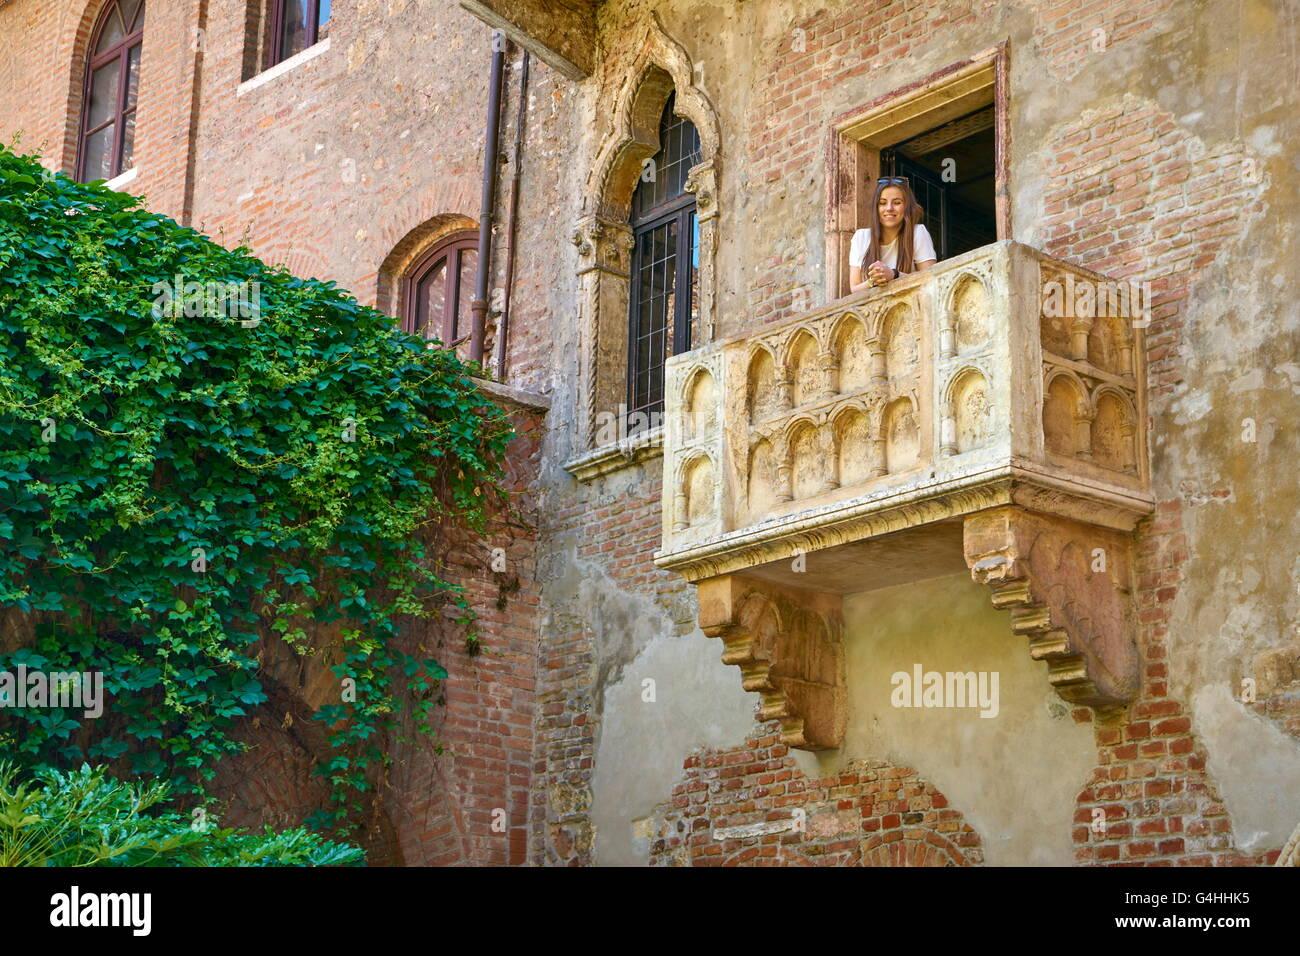 Romeo und Julia Balkon, Altstadt von Verona, Venetien, Italien Stockbild